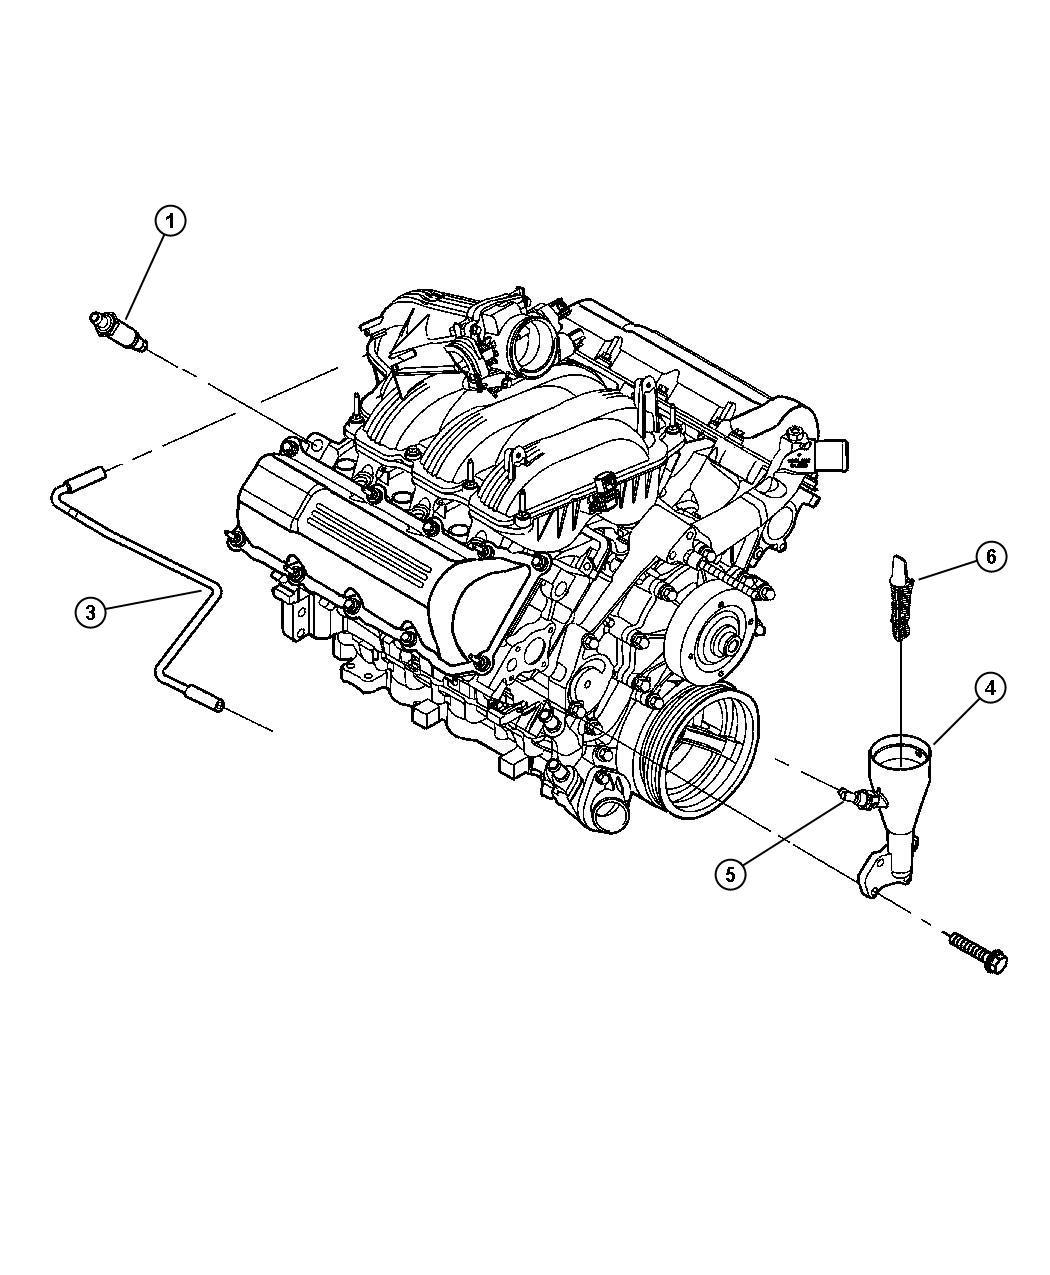 Jeep Grand Cherokee Baffle Oil Fill None Oil Fill